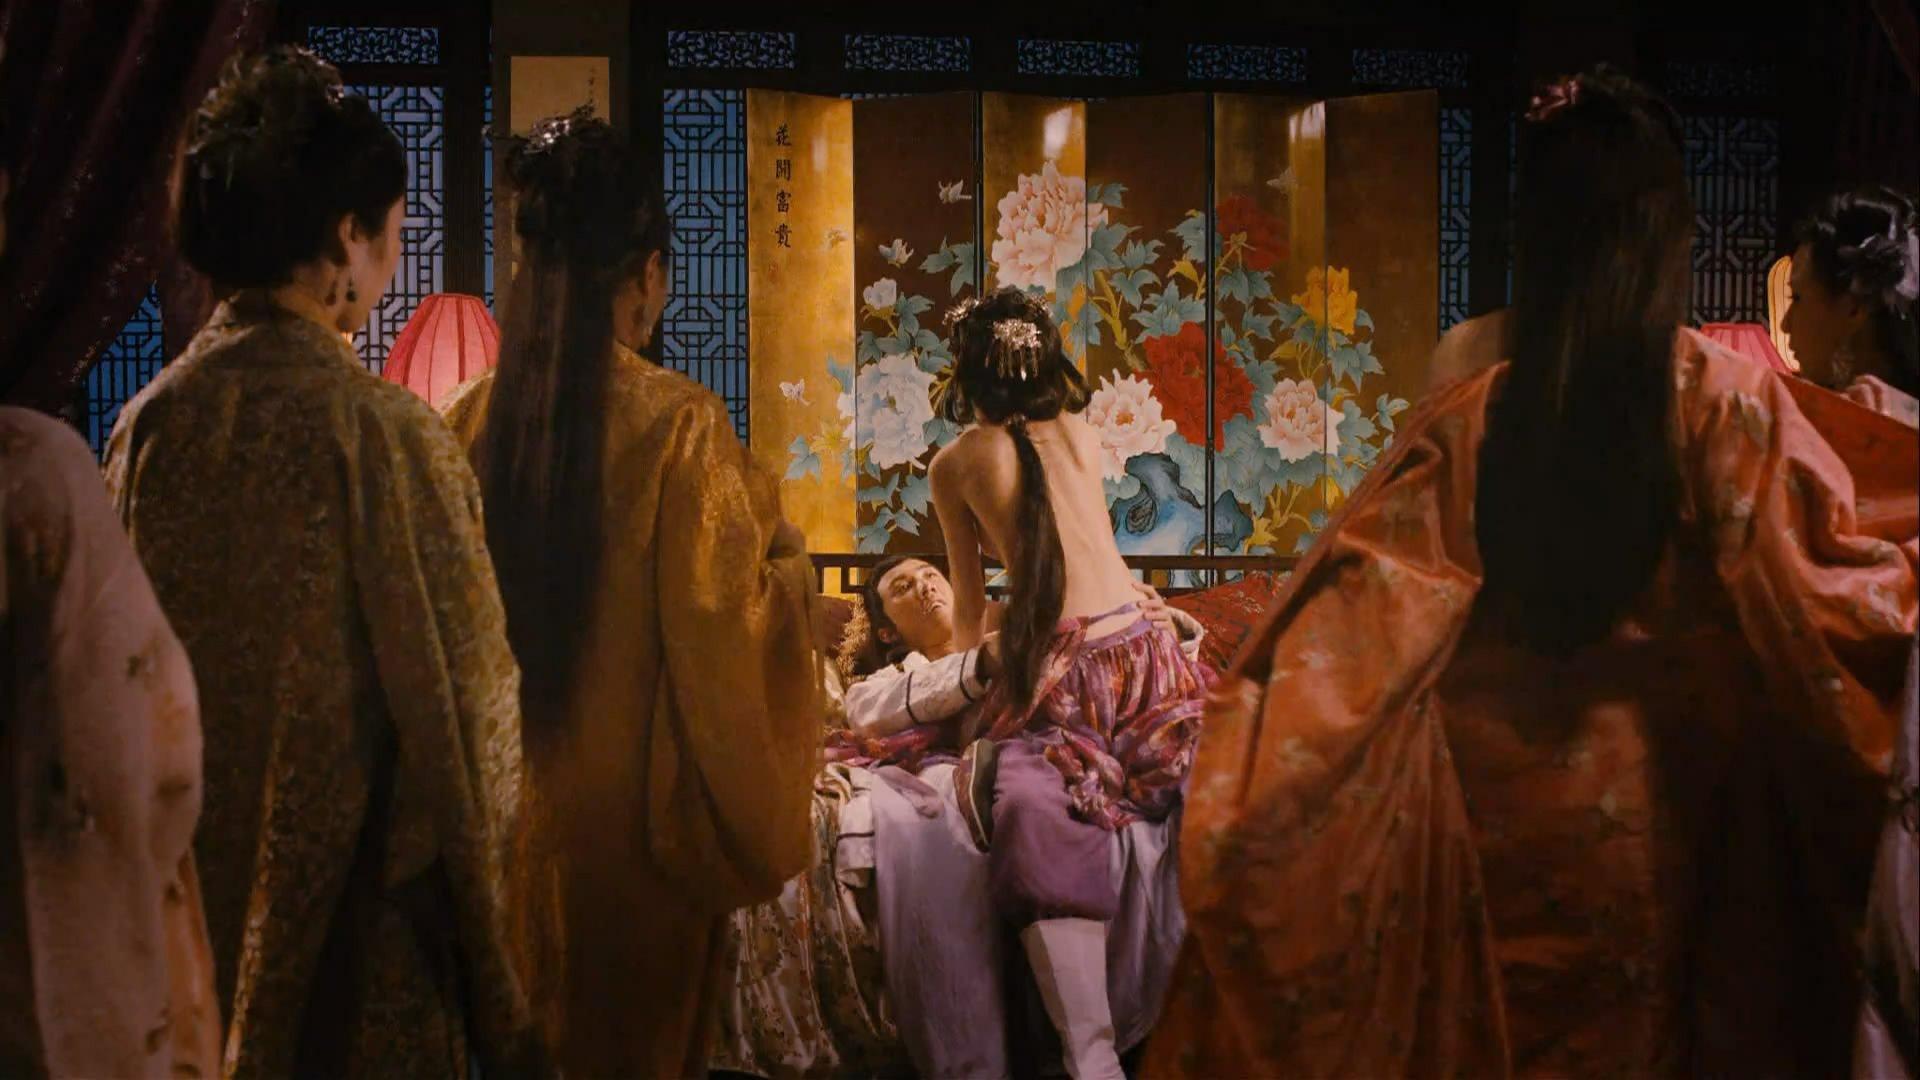 Секс и дзен азиатская любовь 3d трейлер